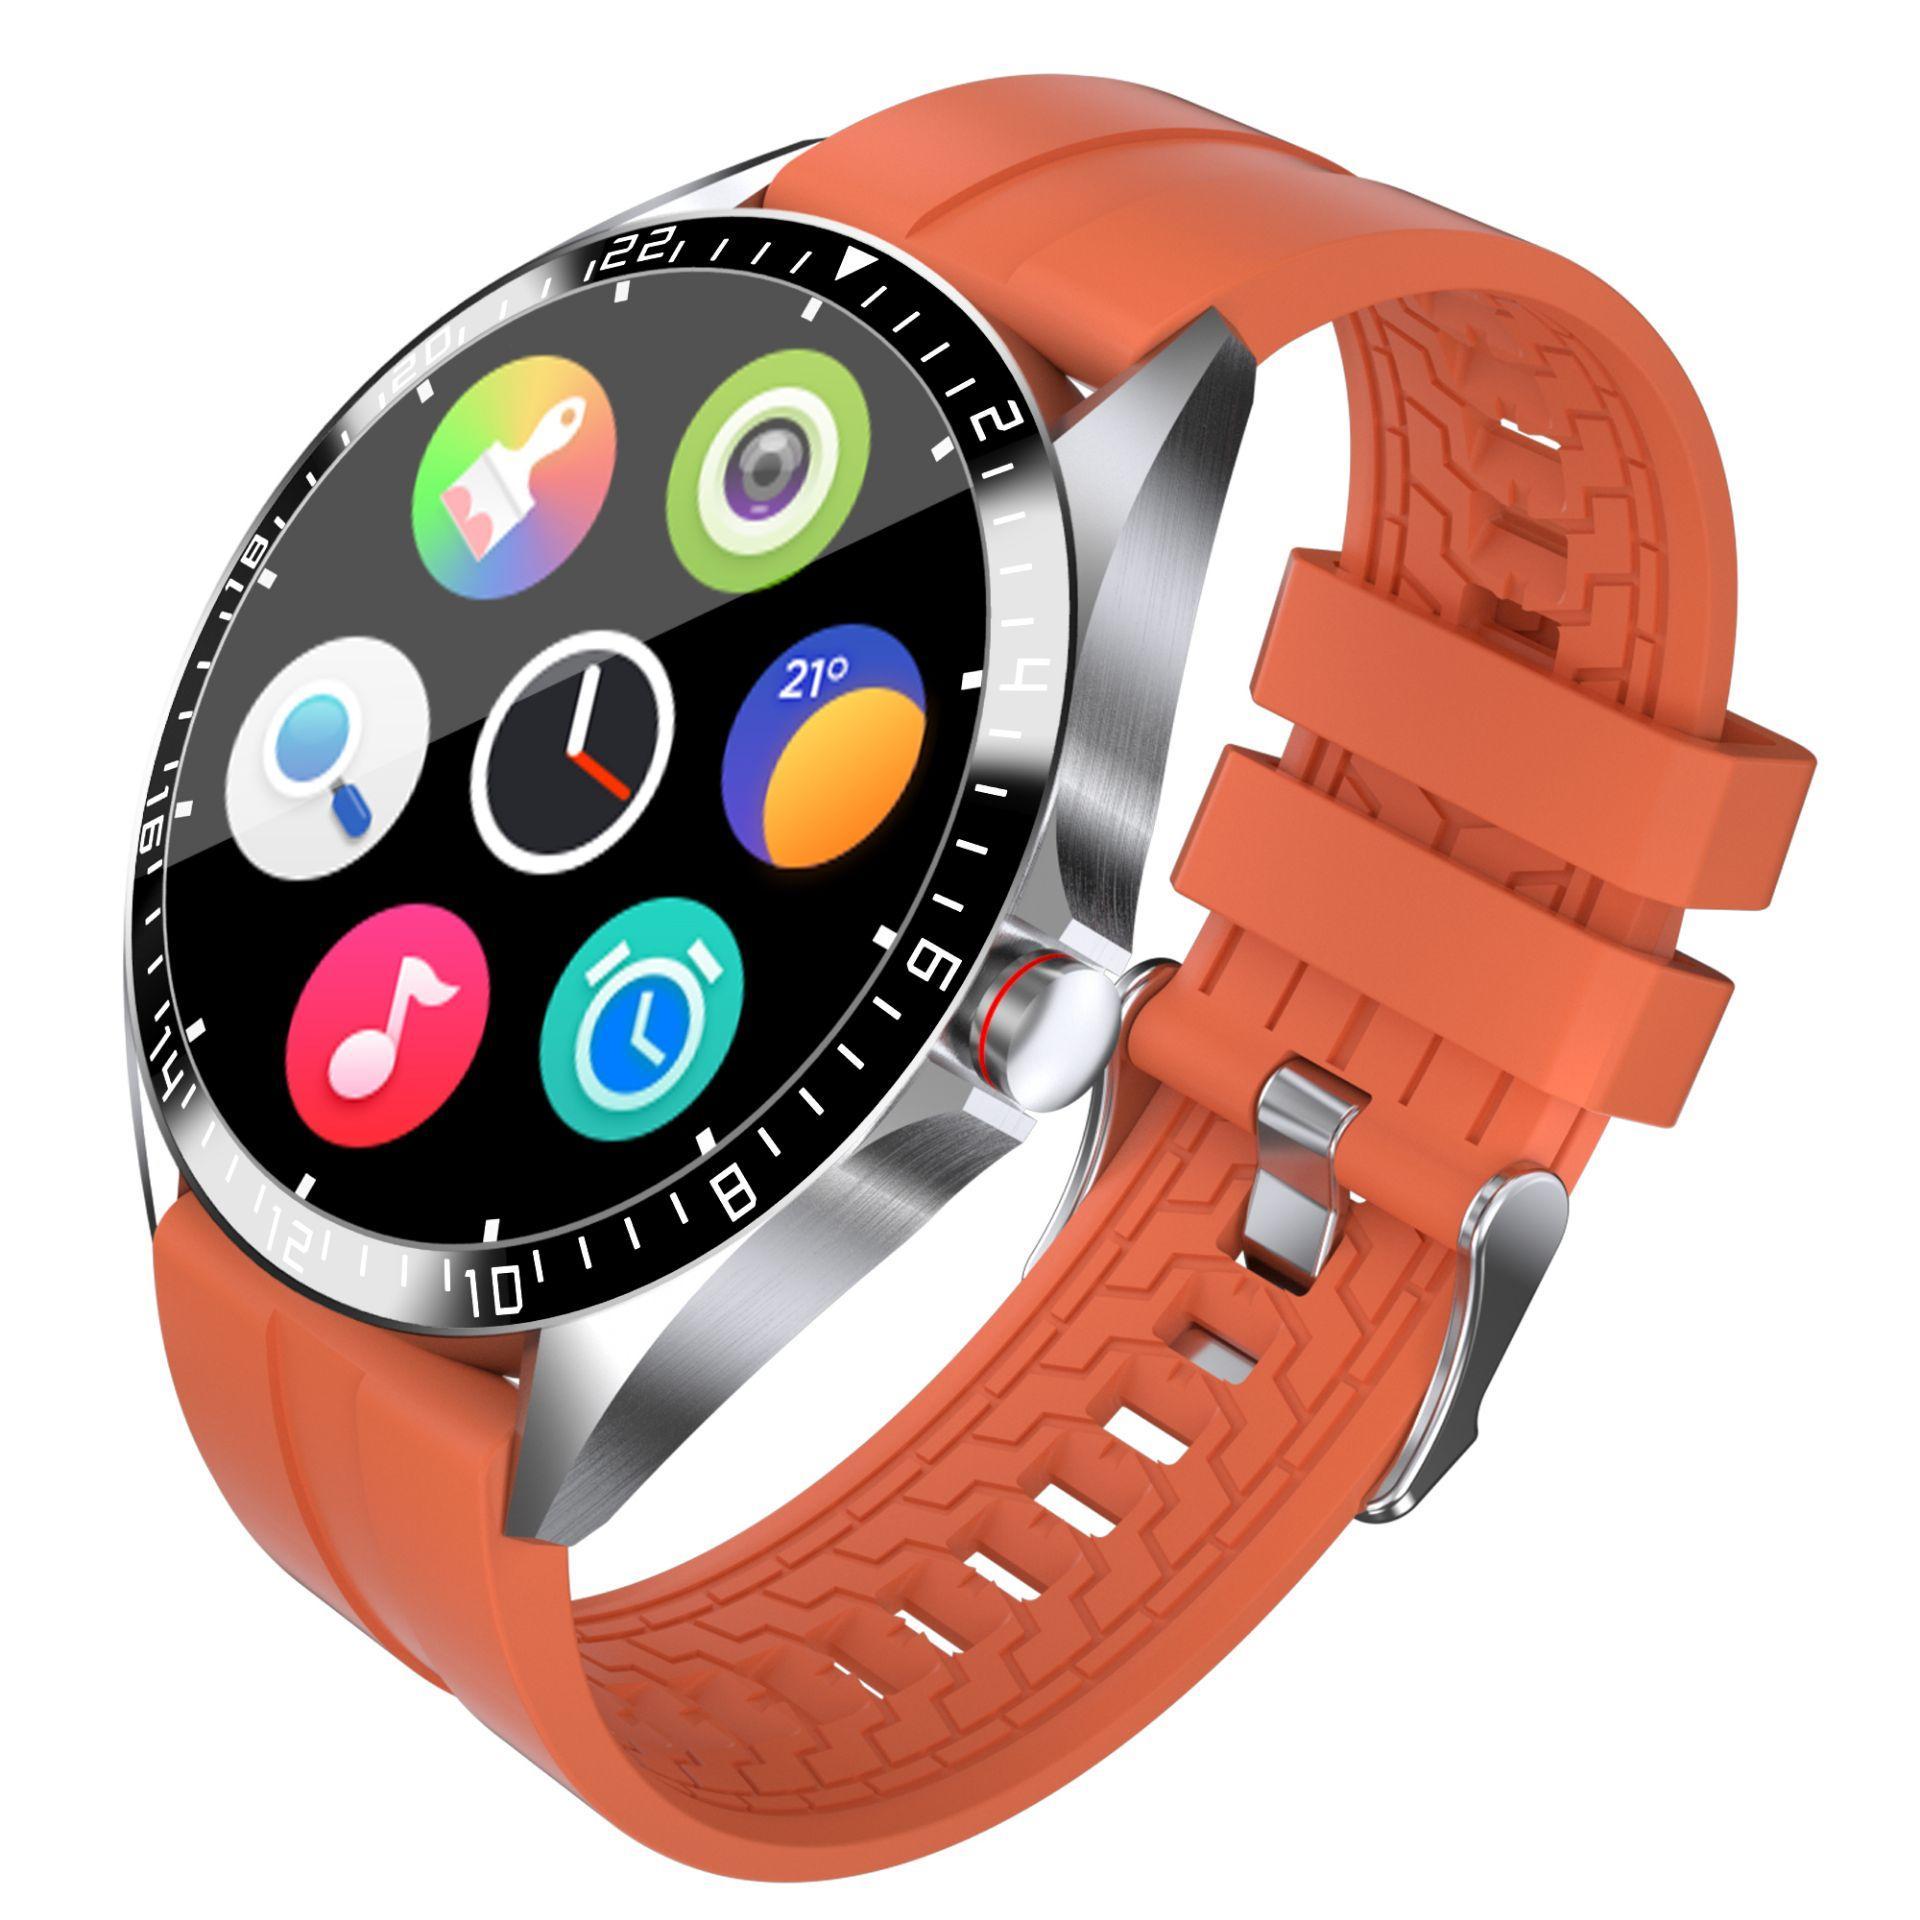 2020 온도계 스마트 watchs 심장 박동 피트니스 추적기 혈압 IP68 방수 스포츠 블루투스 PK DZ09 안드로이드 스마트 시계를 GPS를